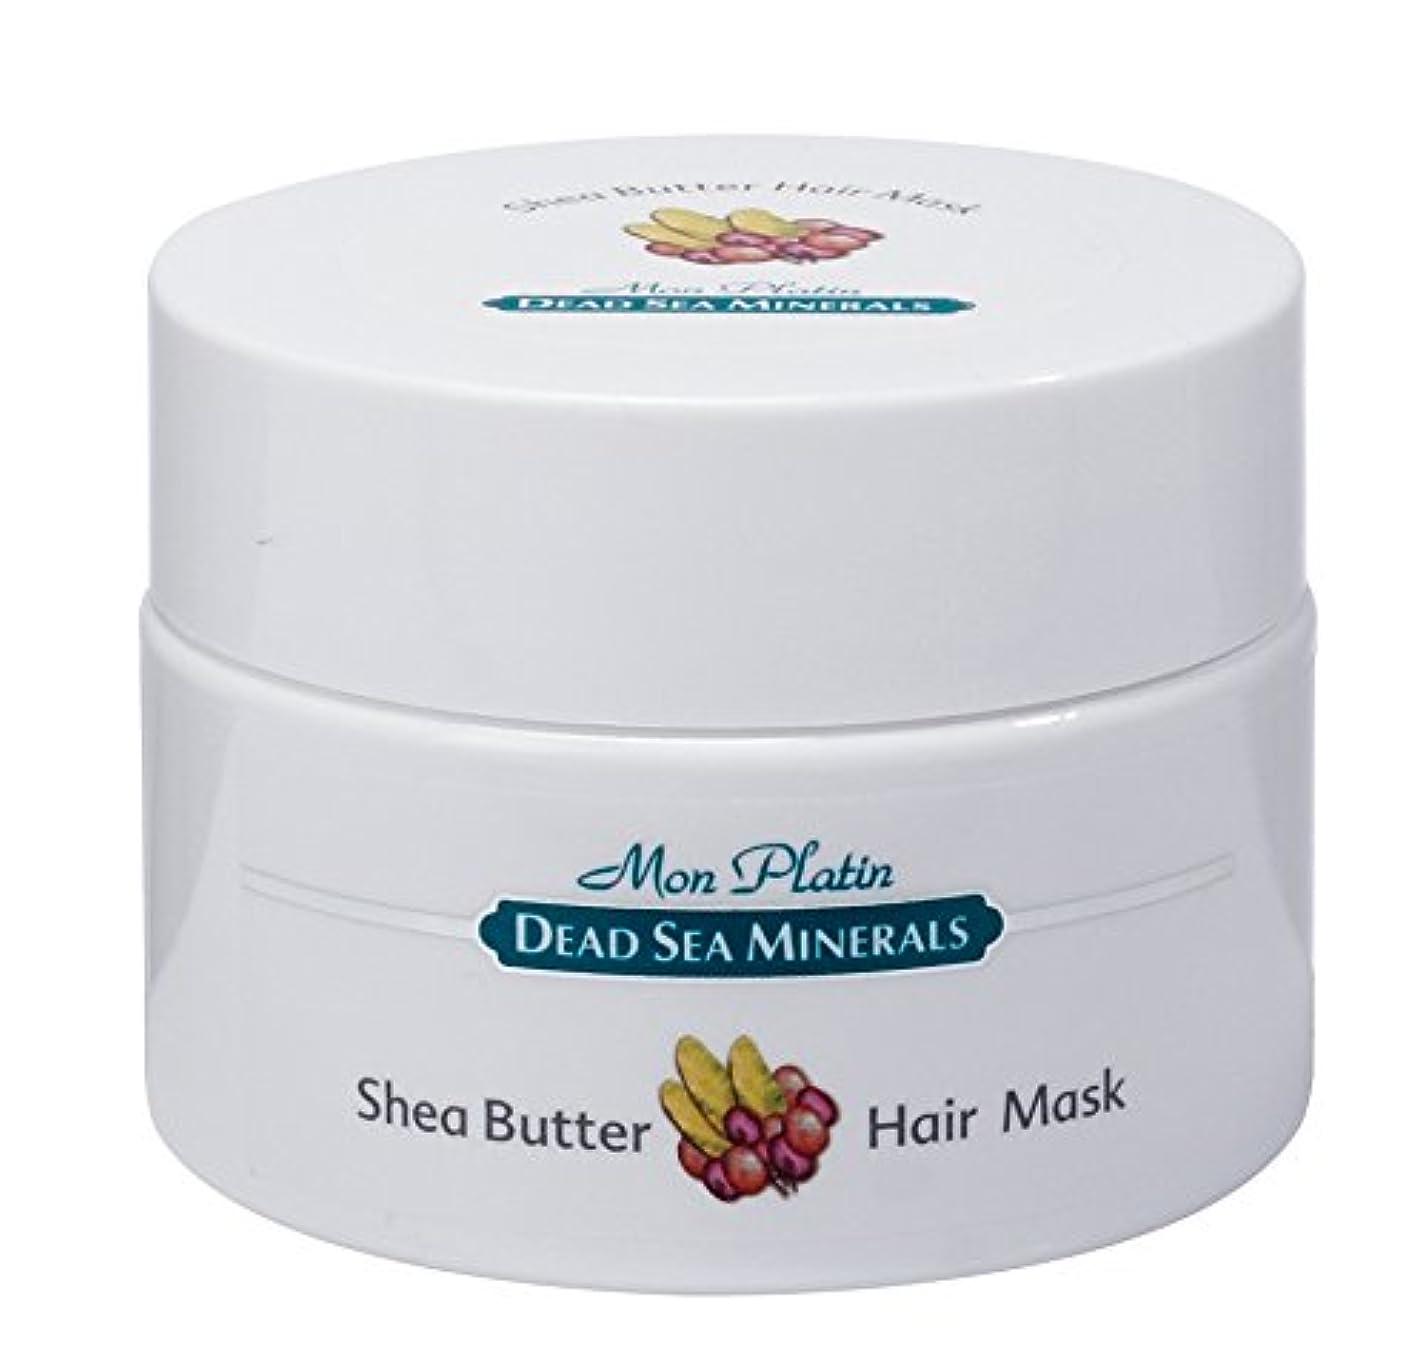 実証する到着著者死海ミネラルシーバター髪マスク 250mL 死海ミネラル 天然 お手入れ 美容 イスラエル (Shea Butter Hair Mask)